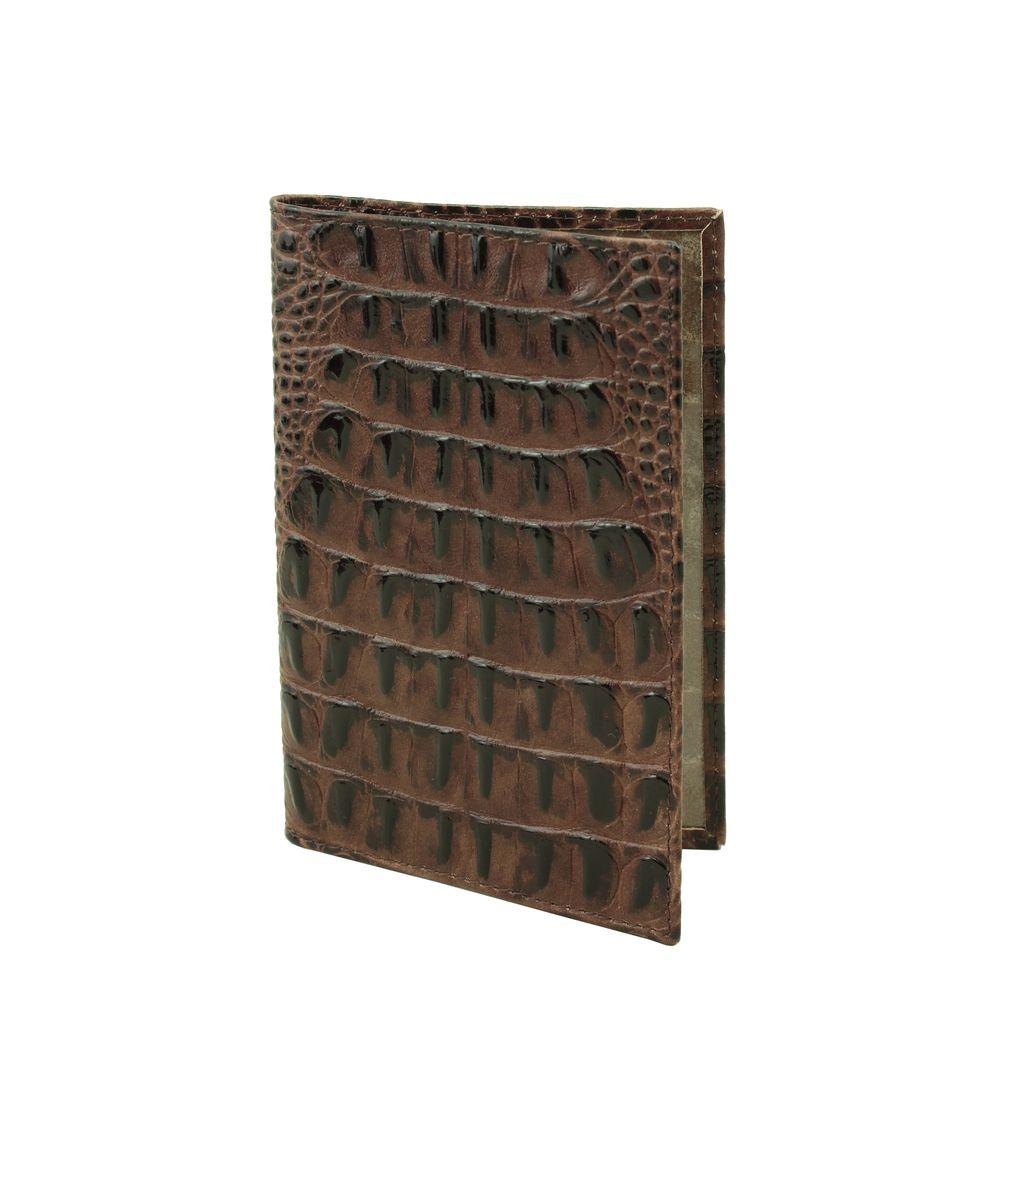 Обложка для паспорта женская Dimanche, цвет: коричневый. 450/9450/9Стильная обложка для паспорта Dimanche выполнена из натуральной кожи с тиснением под крокодила. На внутреннем развороте имеются два кармана из прозрачного пластика. Обложка не только поможет сохранить внешний вид ваших документов и защитить их от повреждений, но и станет стильным аксессуаром, идеально подходящим вашему образу. Обложка для паспорта стильного дизайна может быть достойным и оригинальным подарком.